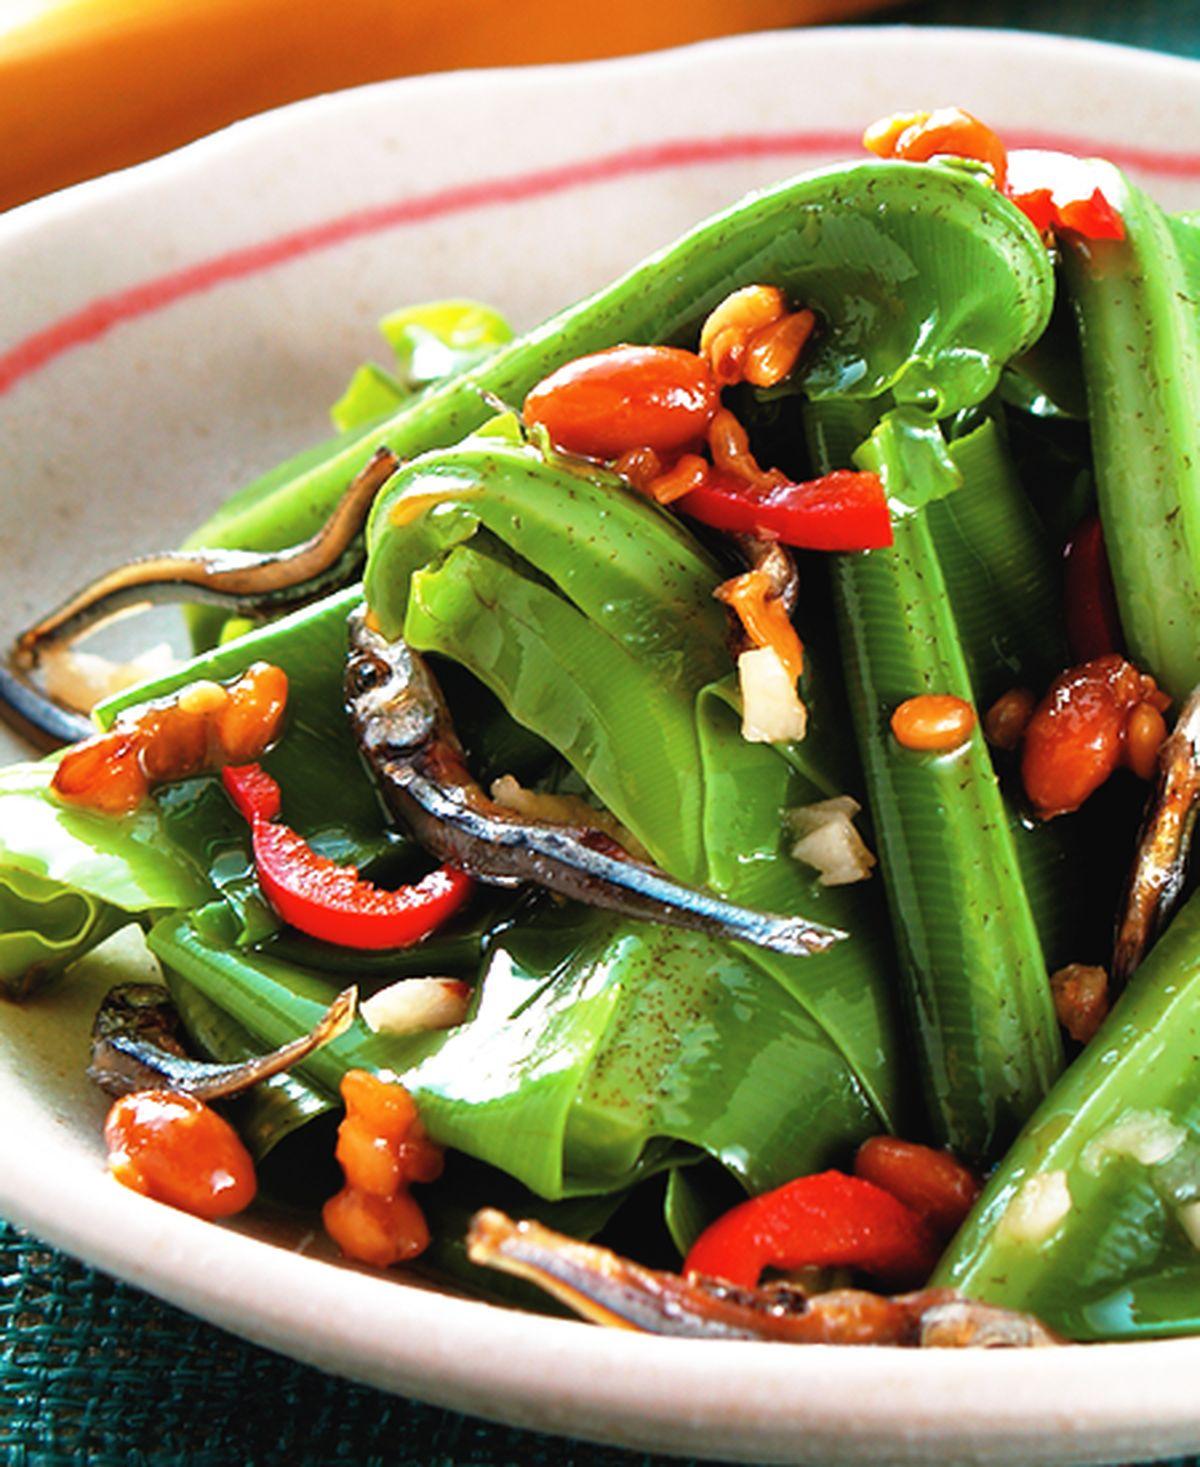 食譜:丁香山蘇